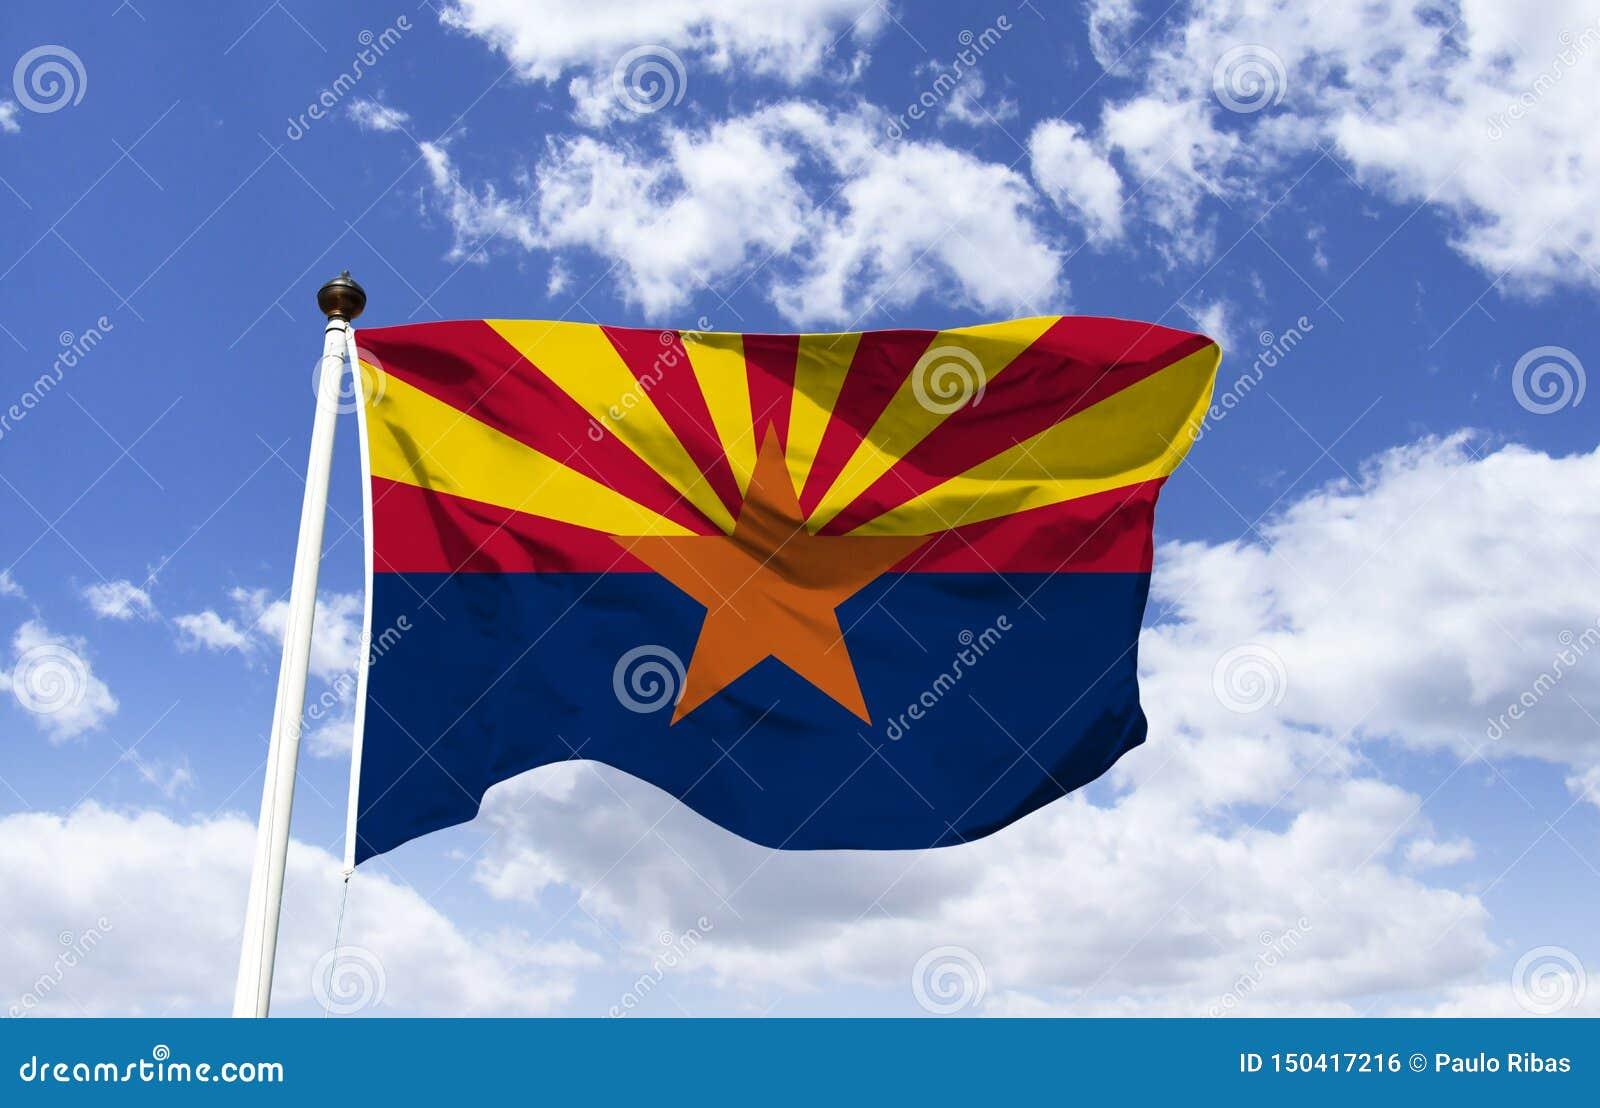 Maqueta de la bandera de Arizona en el viento